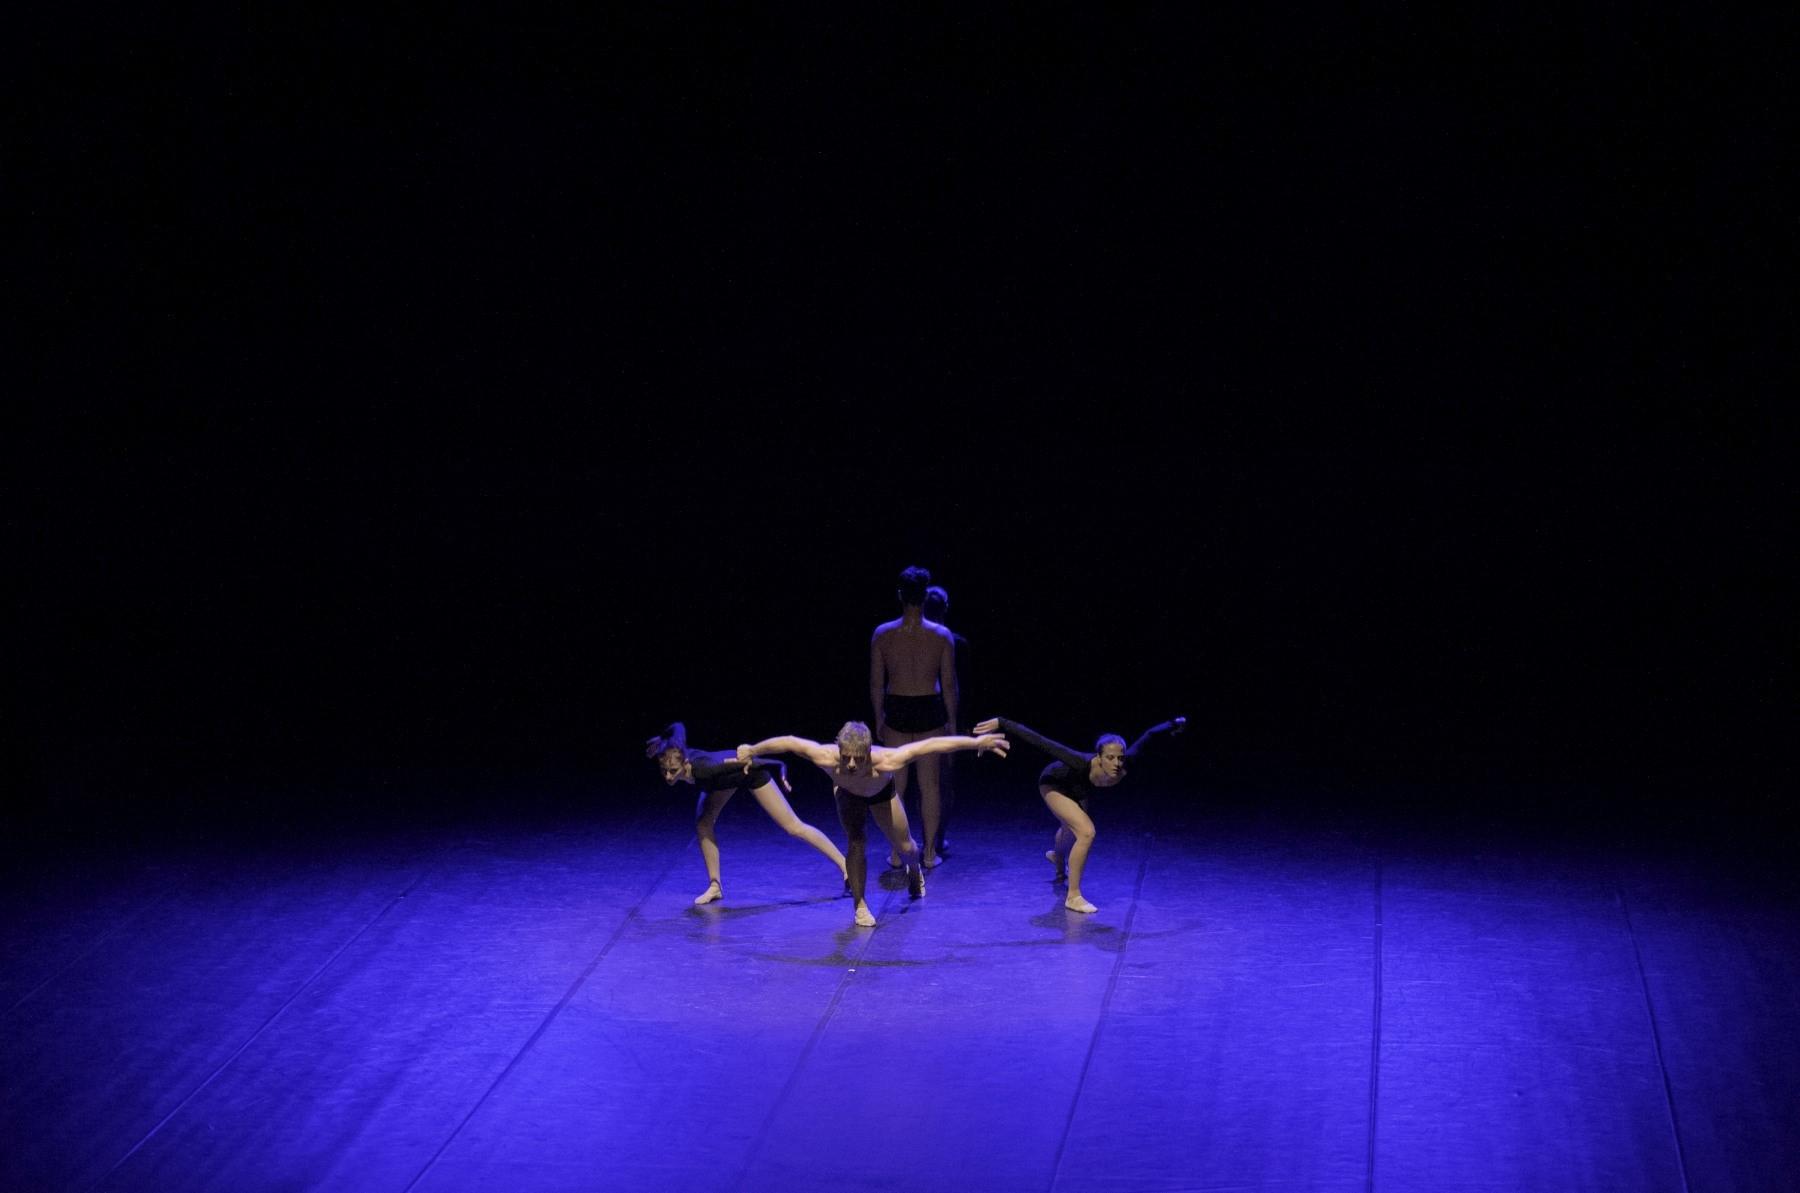 Gabriele-Rossi-120 Dance